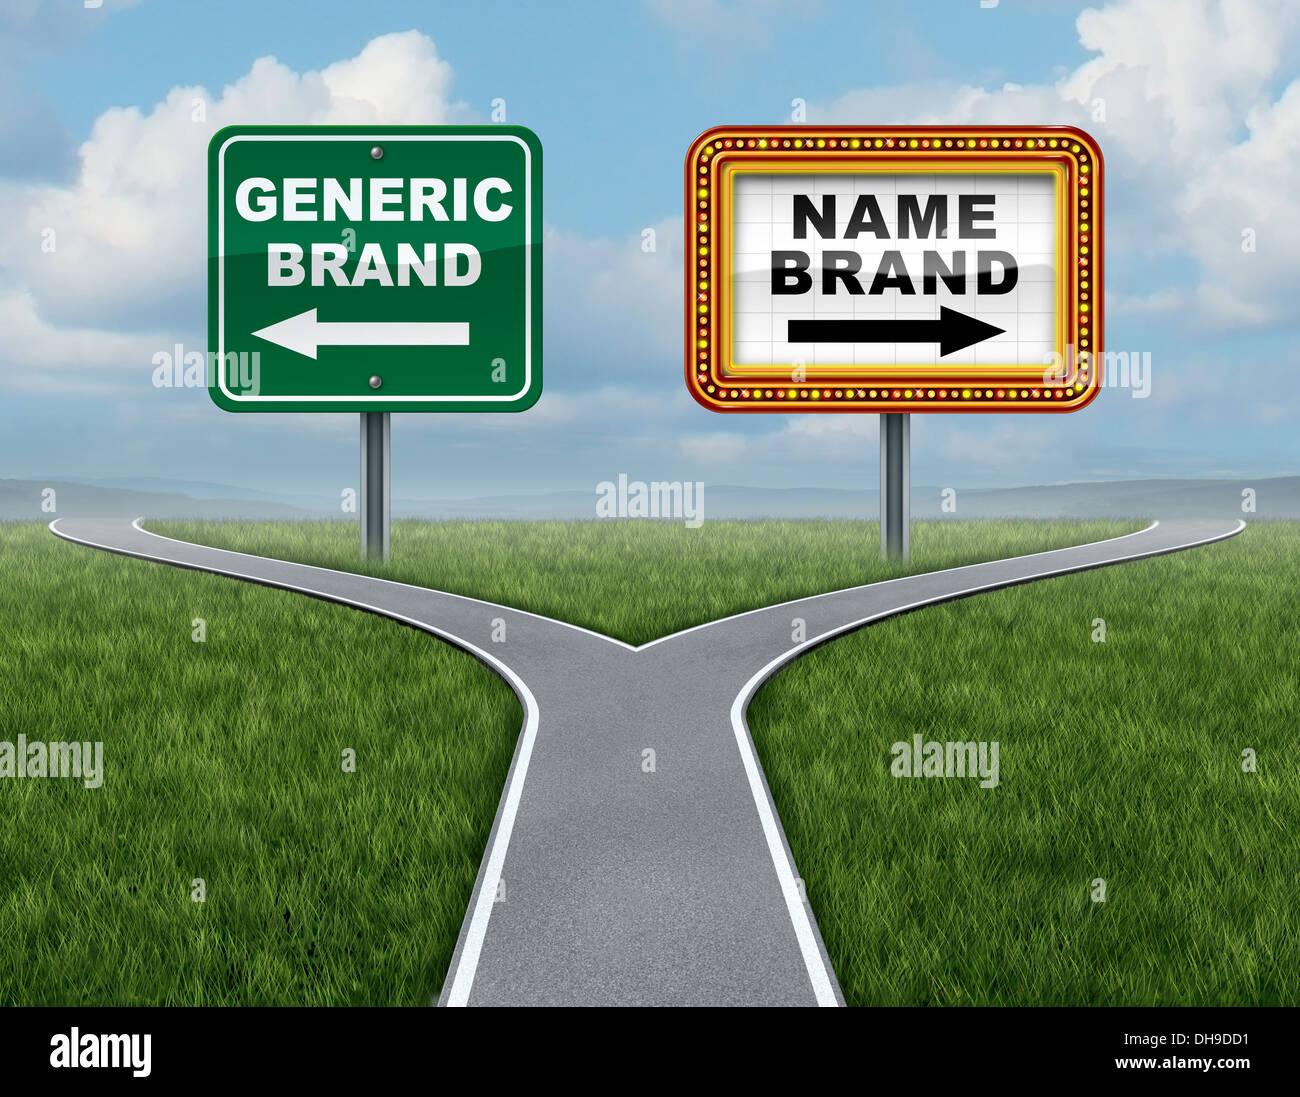 Marchio generico rispetto al marchio come un concetto di marketing con due concorrenti segni di strada in corrispondenza di un incrocio di strade o la forcella in strada Immagini Stock